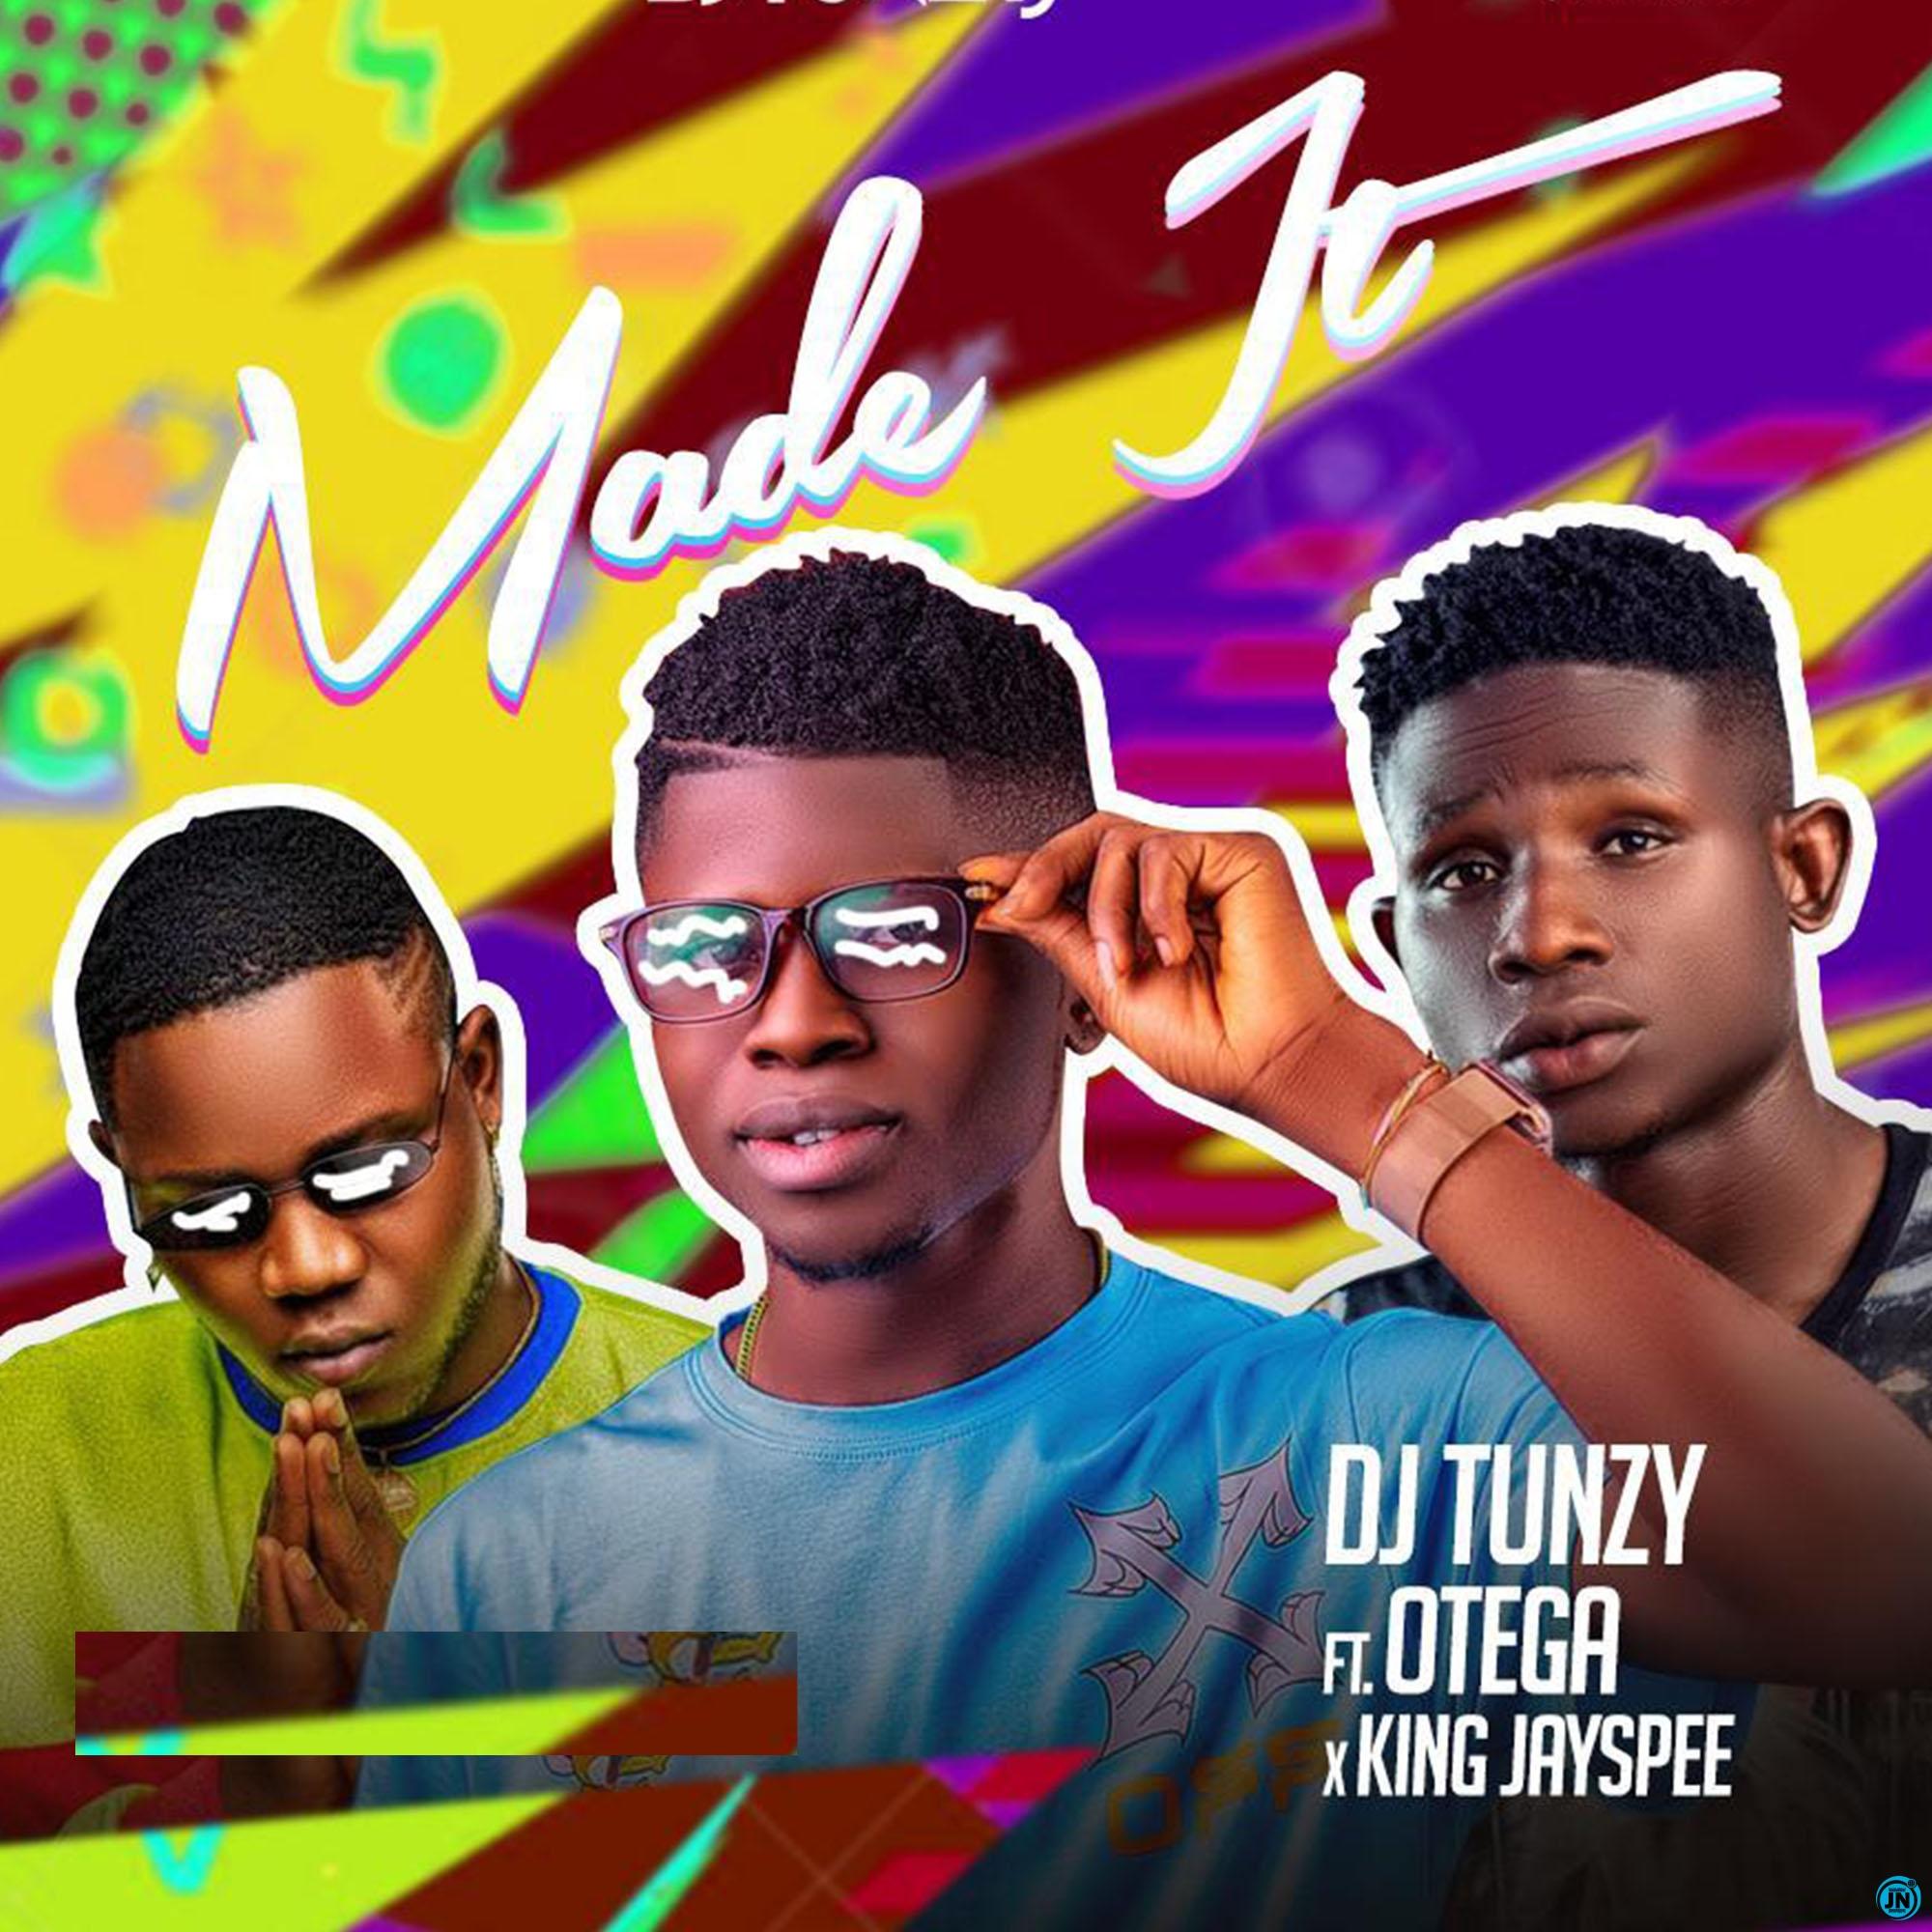 DJ Tunzy - Made It ft. Otega & King Jayspee